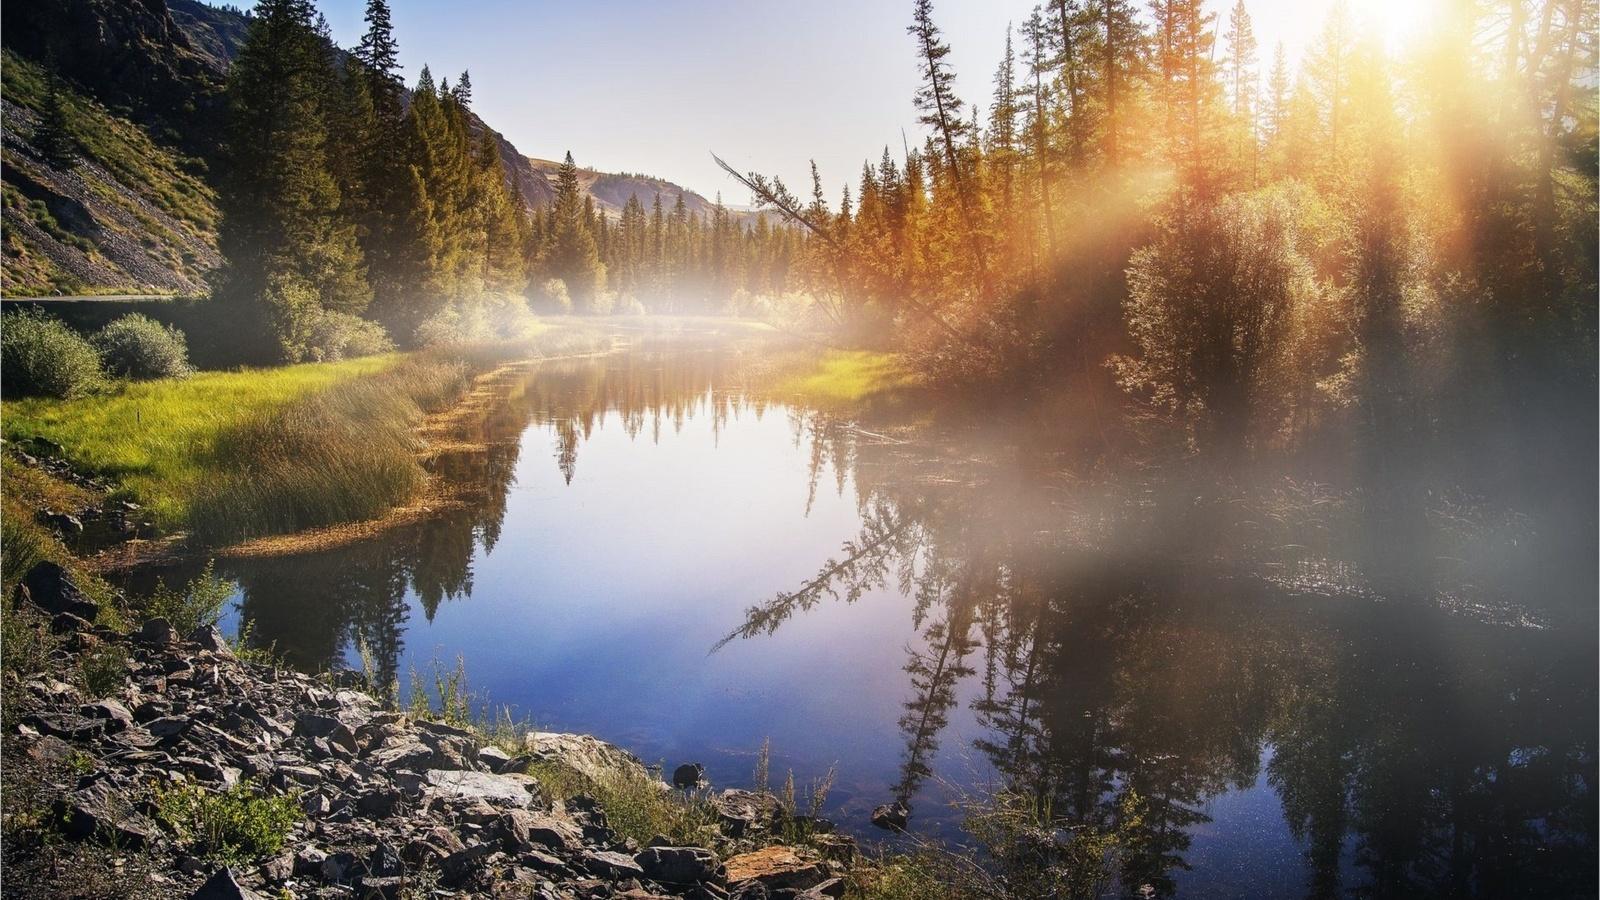 солнечный свет, лучи, речка, тайга, отражение, алтай, by художников павел